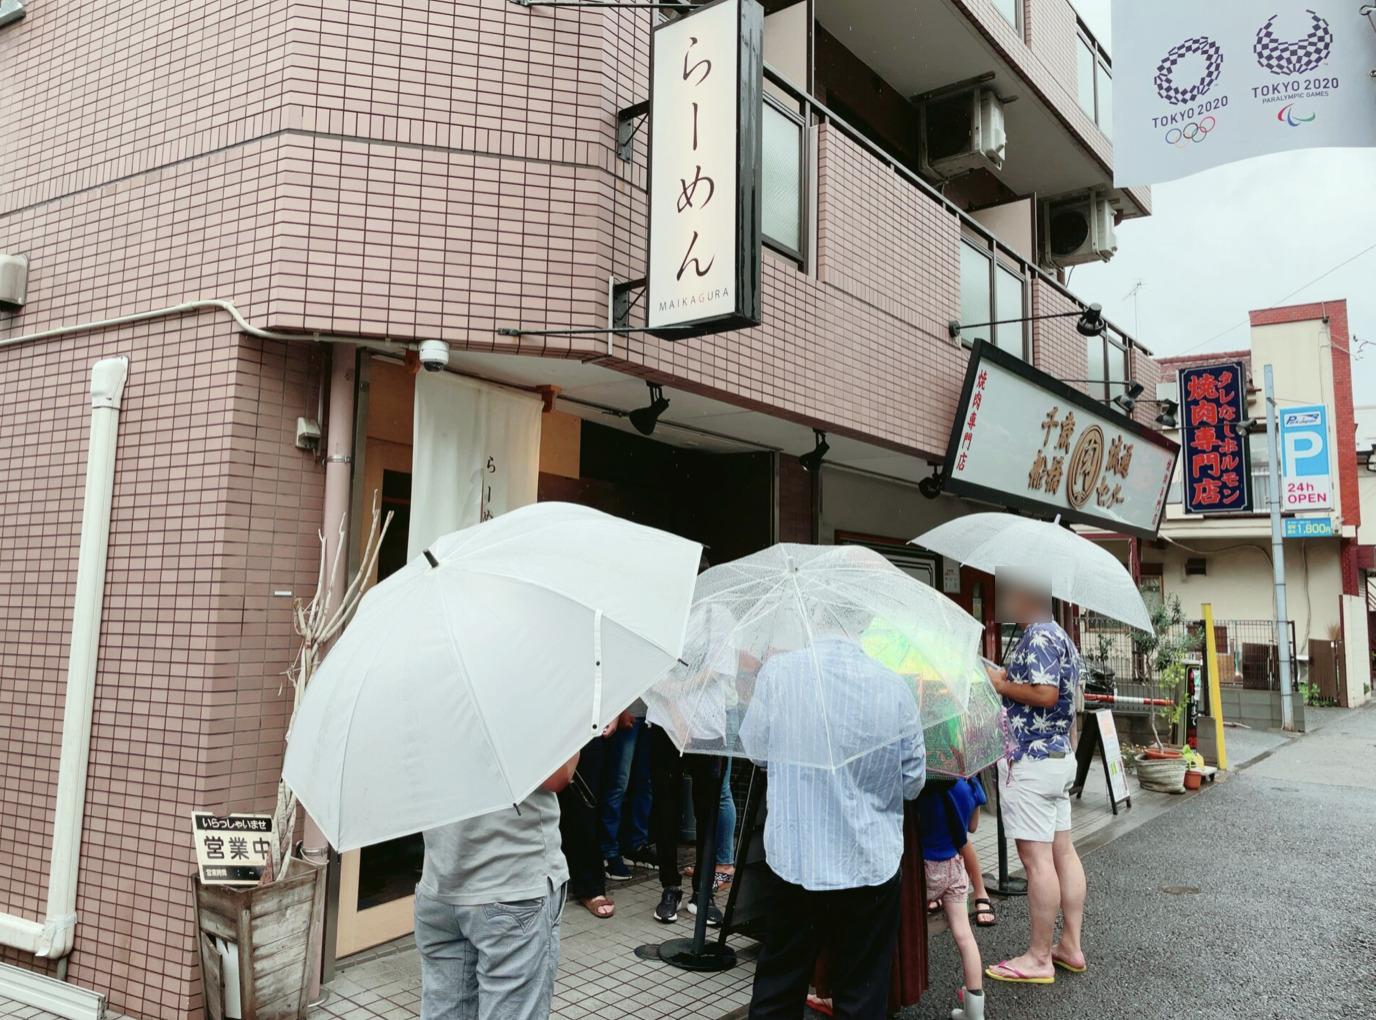 らーめんMAIKAGURA(まいかぐら)の混雑状況・行列